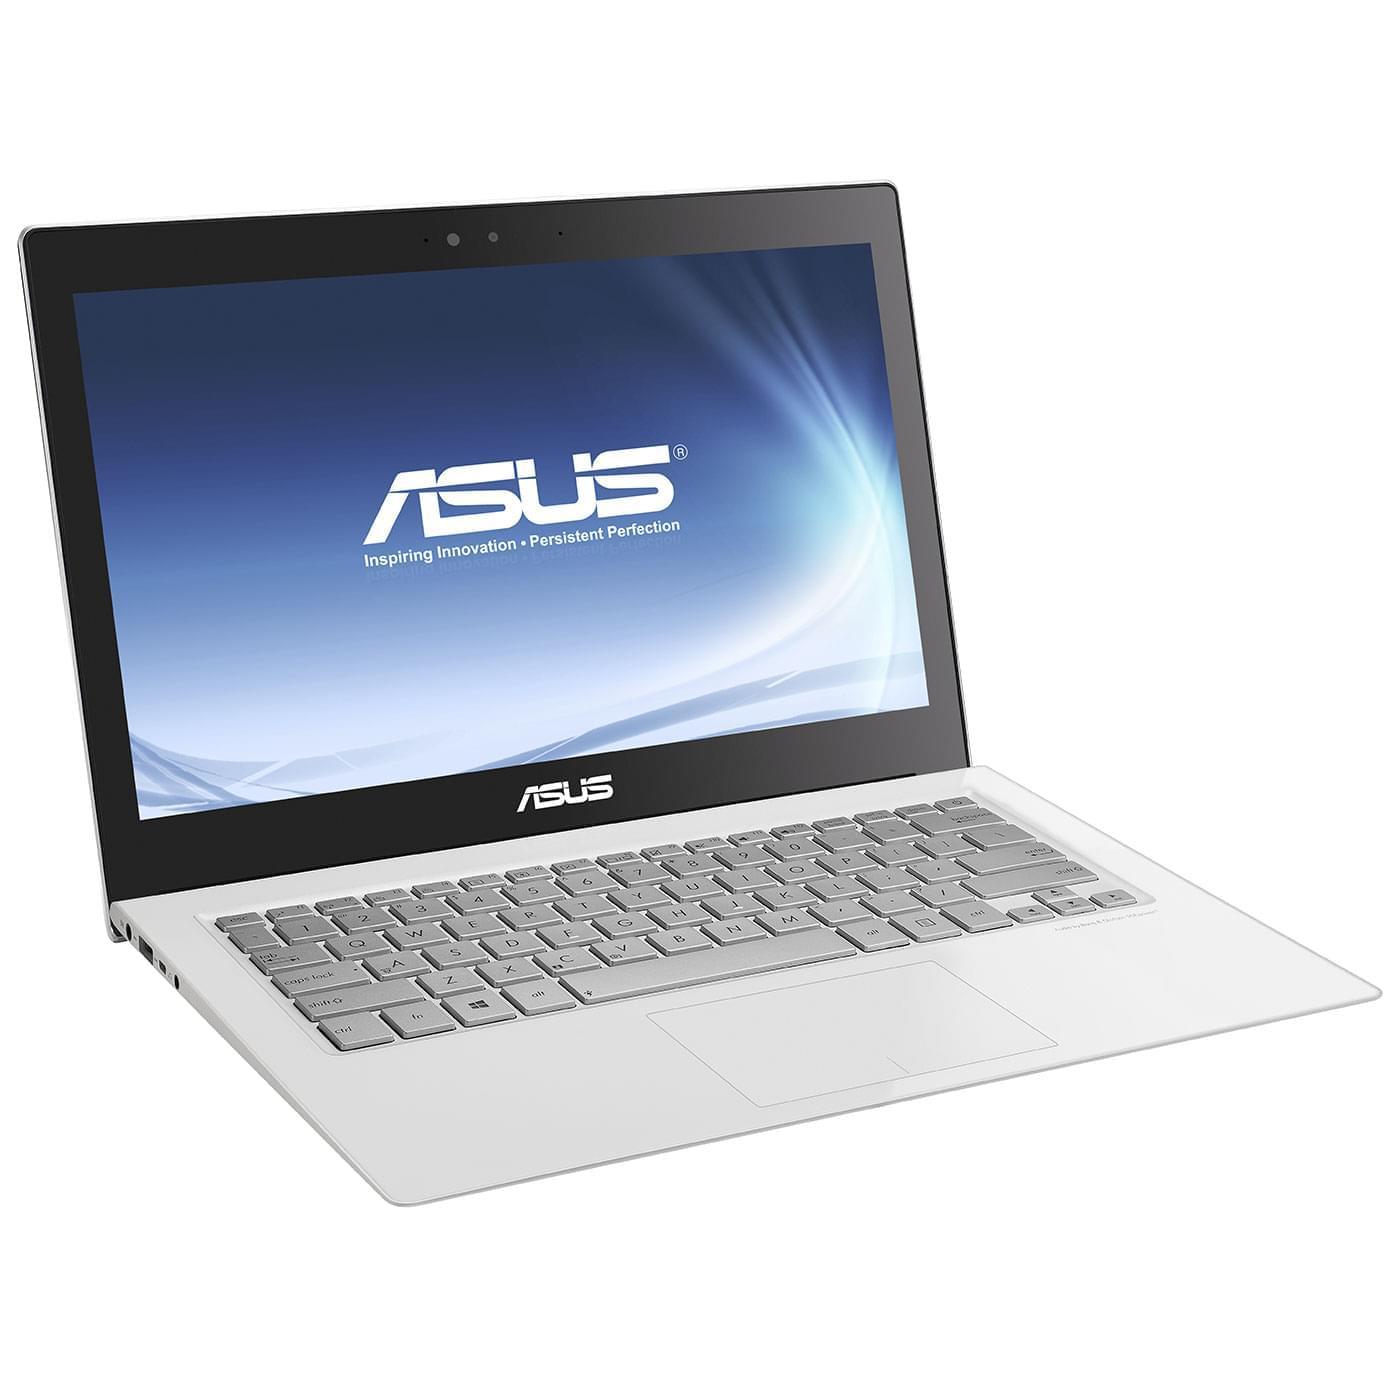 Asus UX301LA-C4004P (UX301LA-C4004P) - Achat / Vente PC Portable sur Cybertek.fr - 0